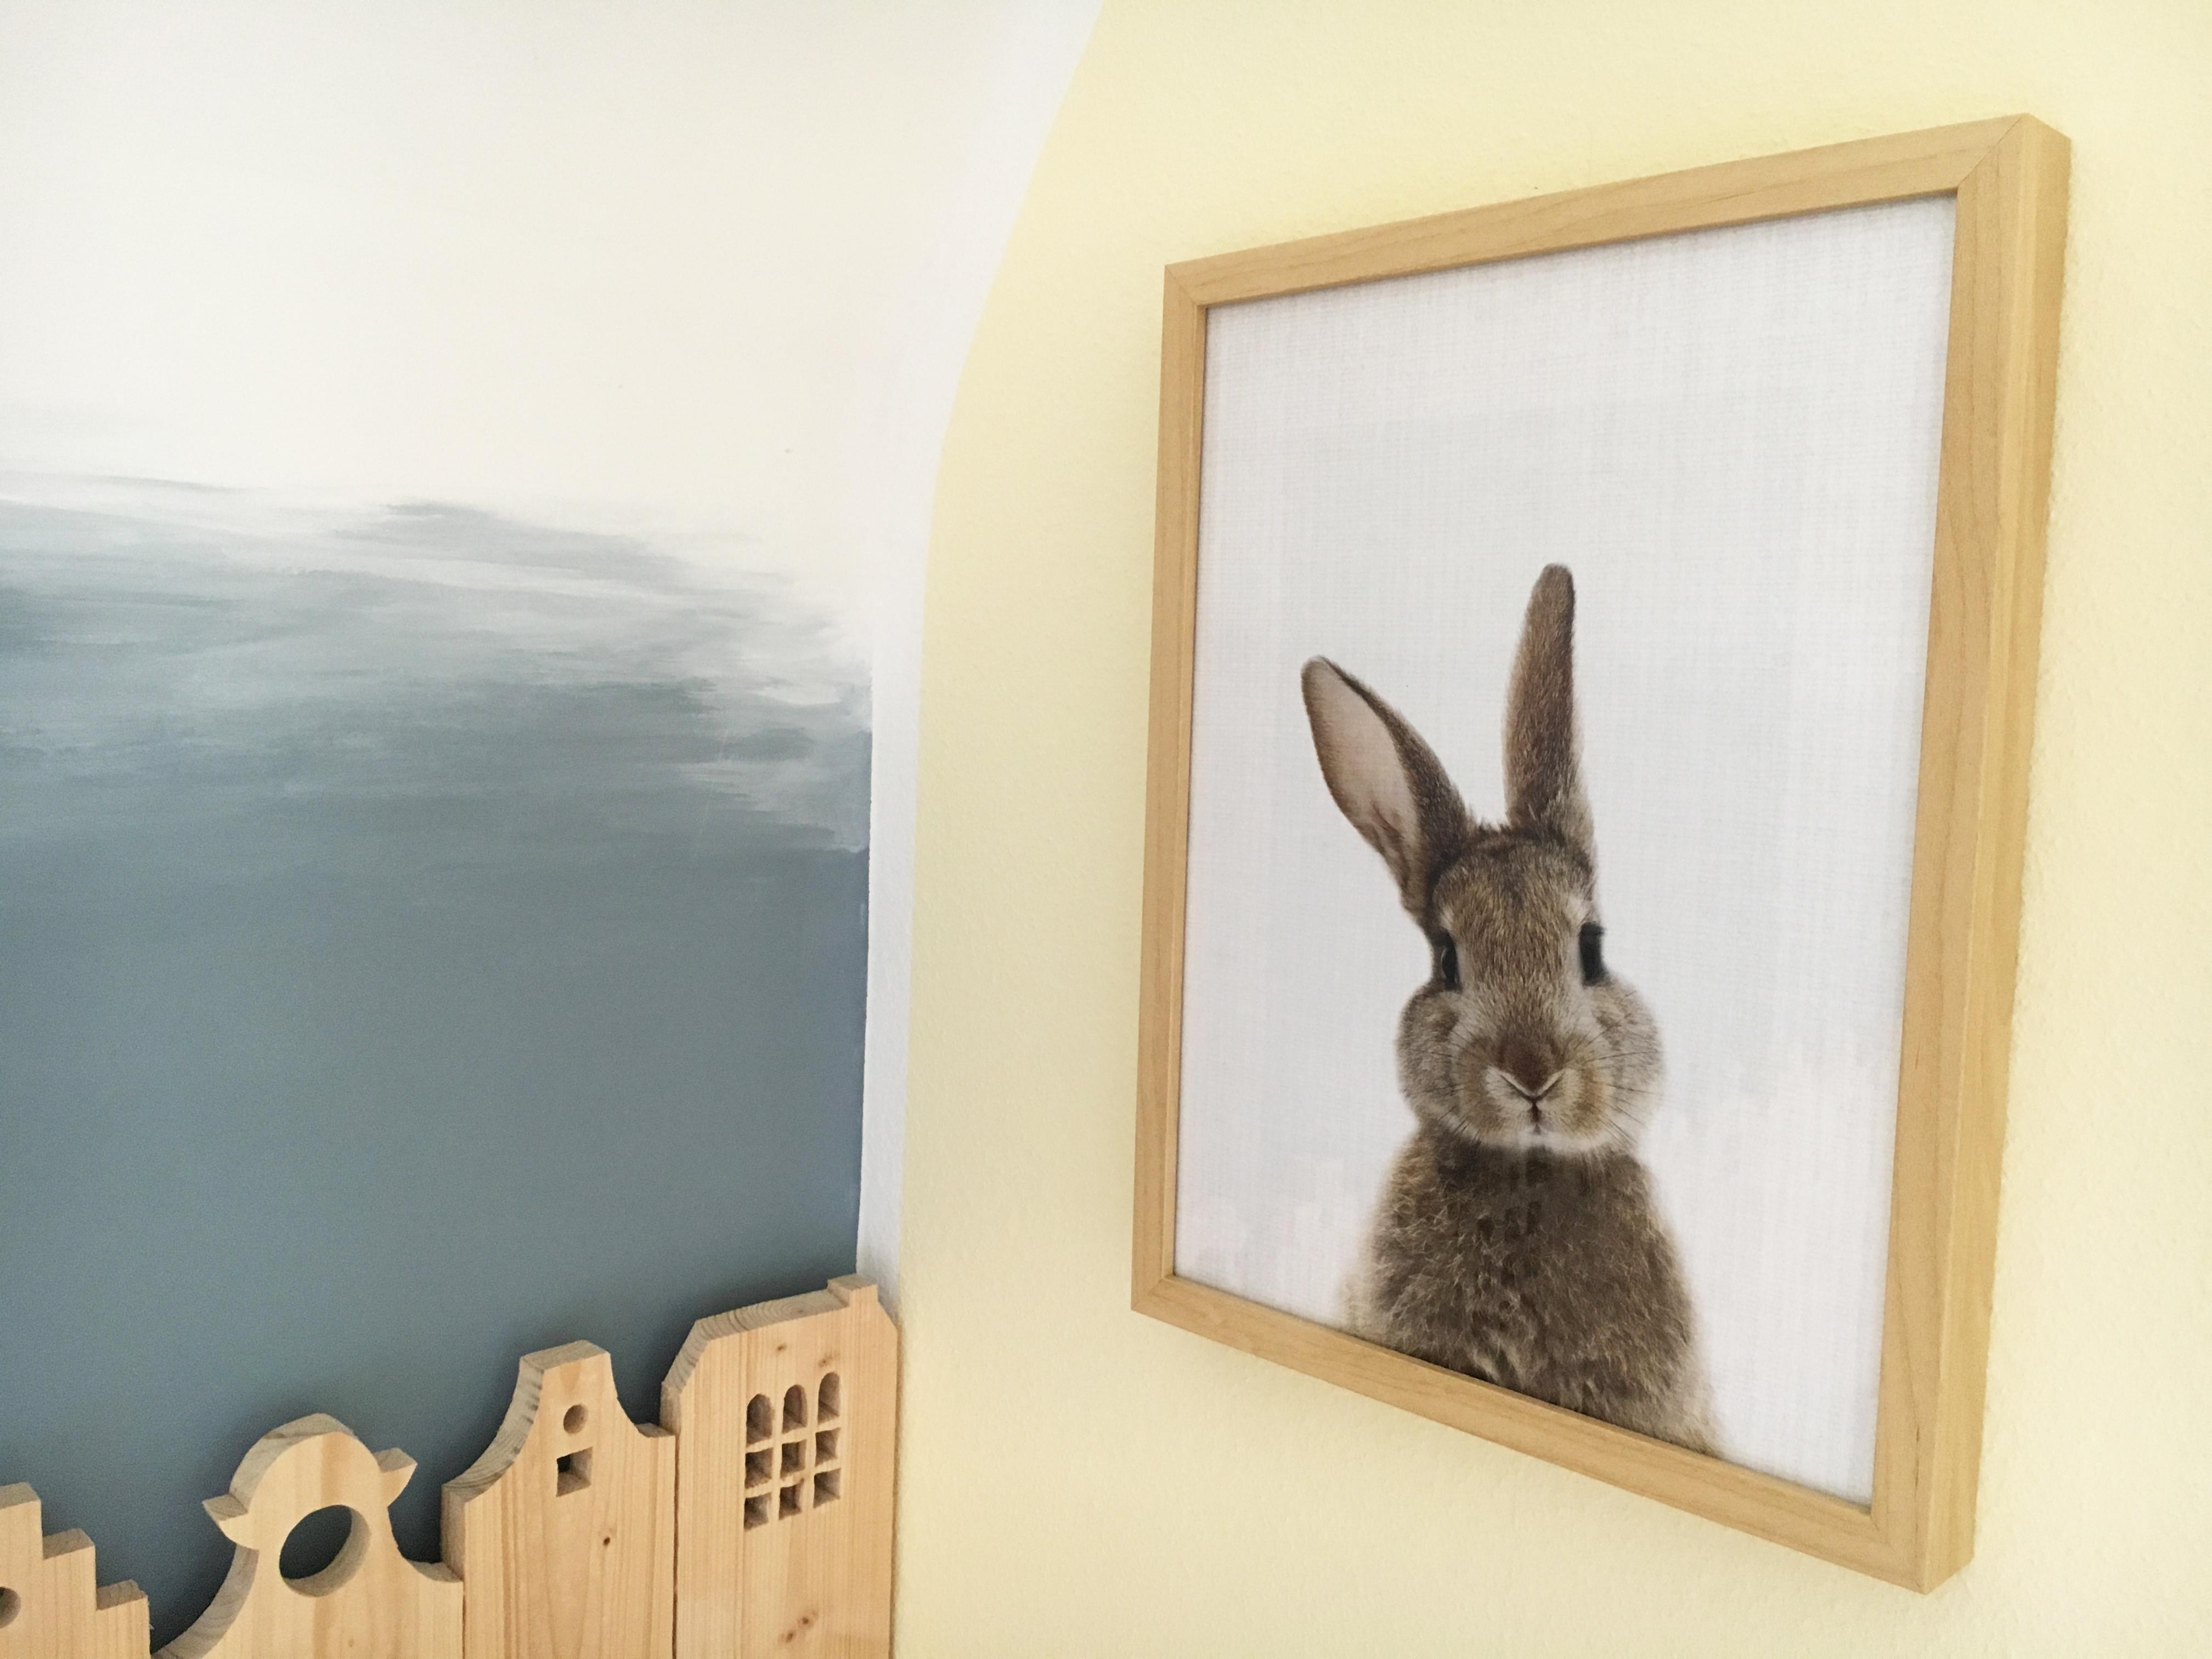 Kleiner Hase, gedruckt auf Hahnemühle Künstler-Papier im Holzrahmen - @myposter / Janine Sommer